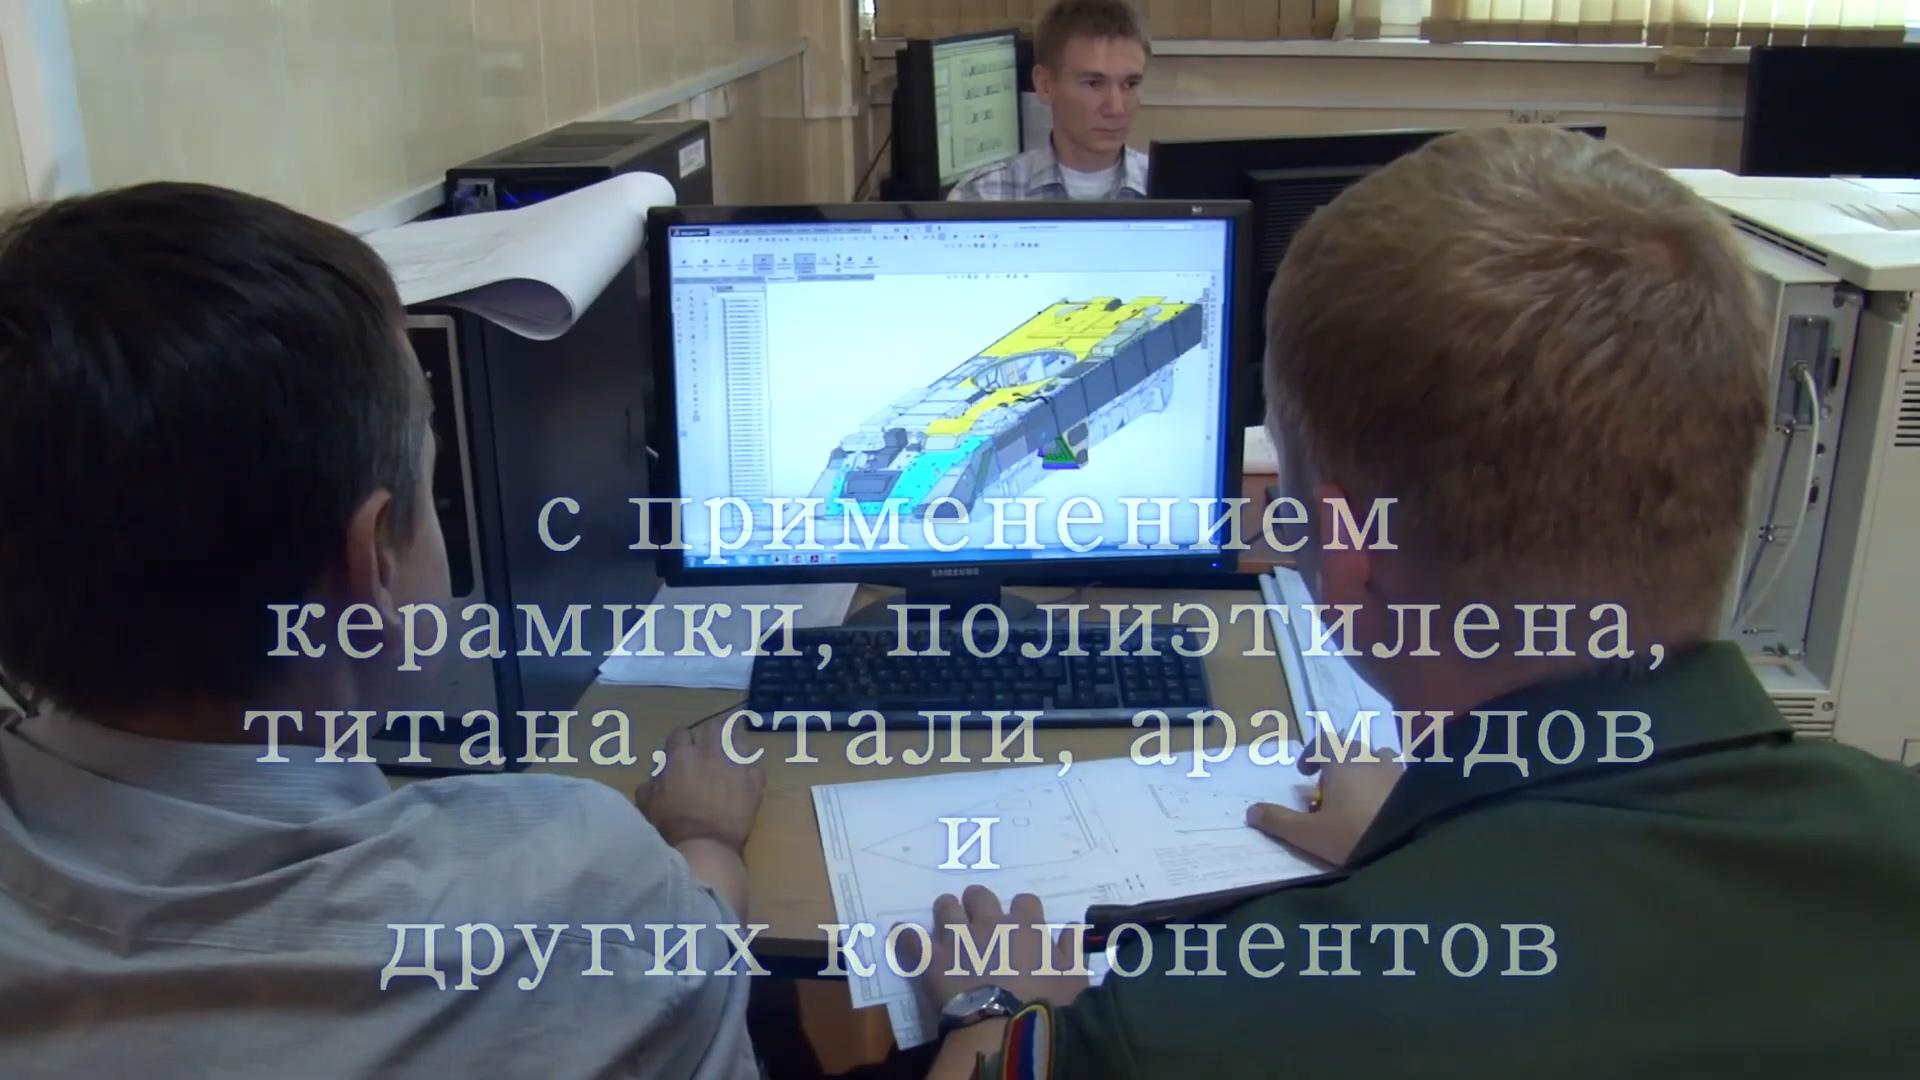 http://forumupload.ru/uploads/000a/e3/16/369/385405.jpg